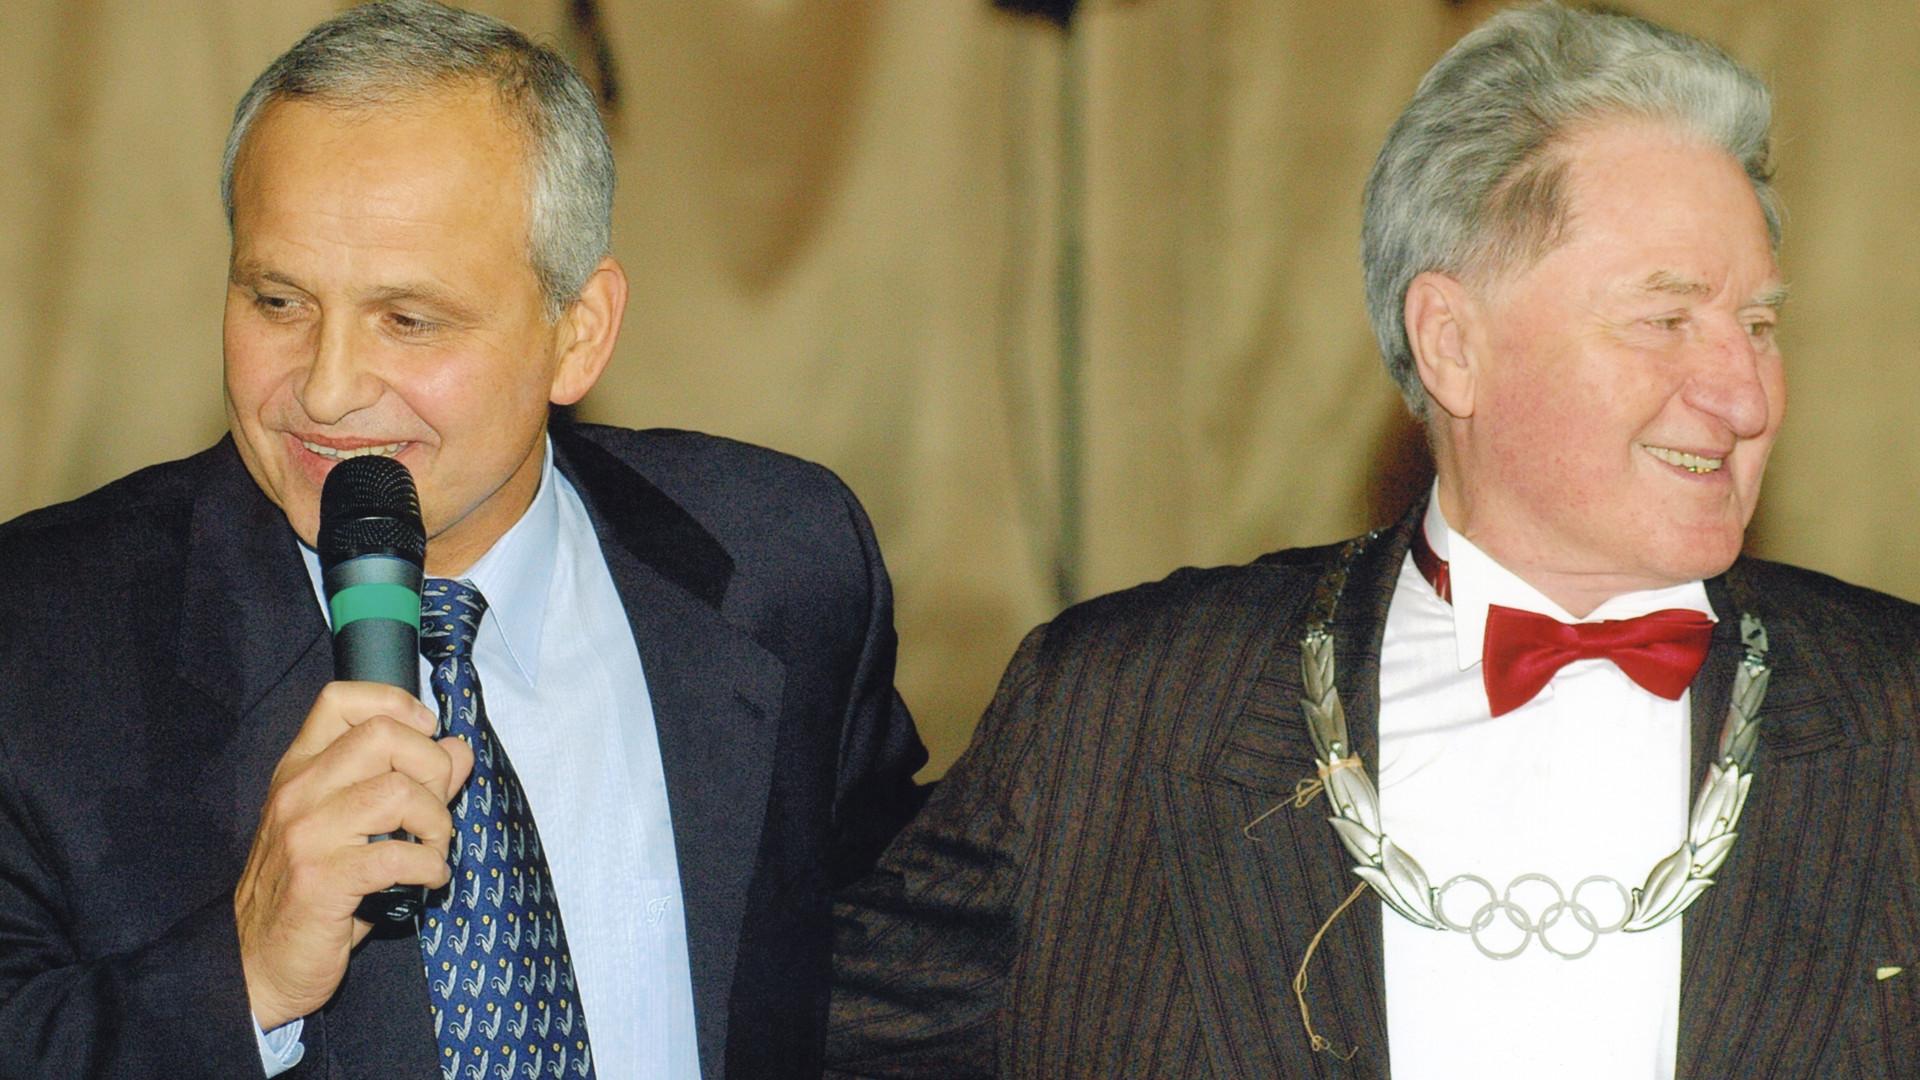 Mirzoyan-veteran33.jpg